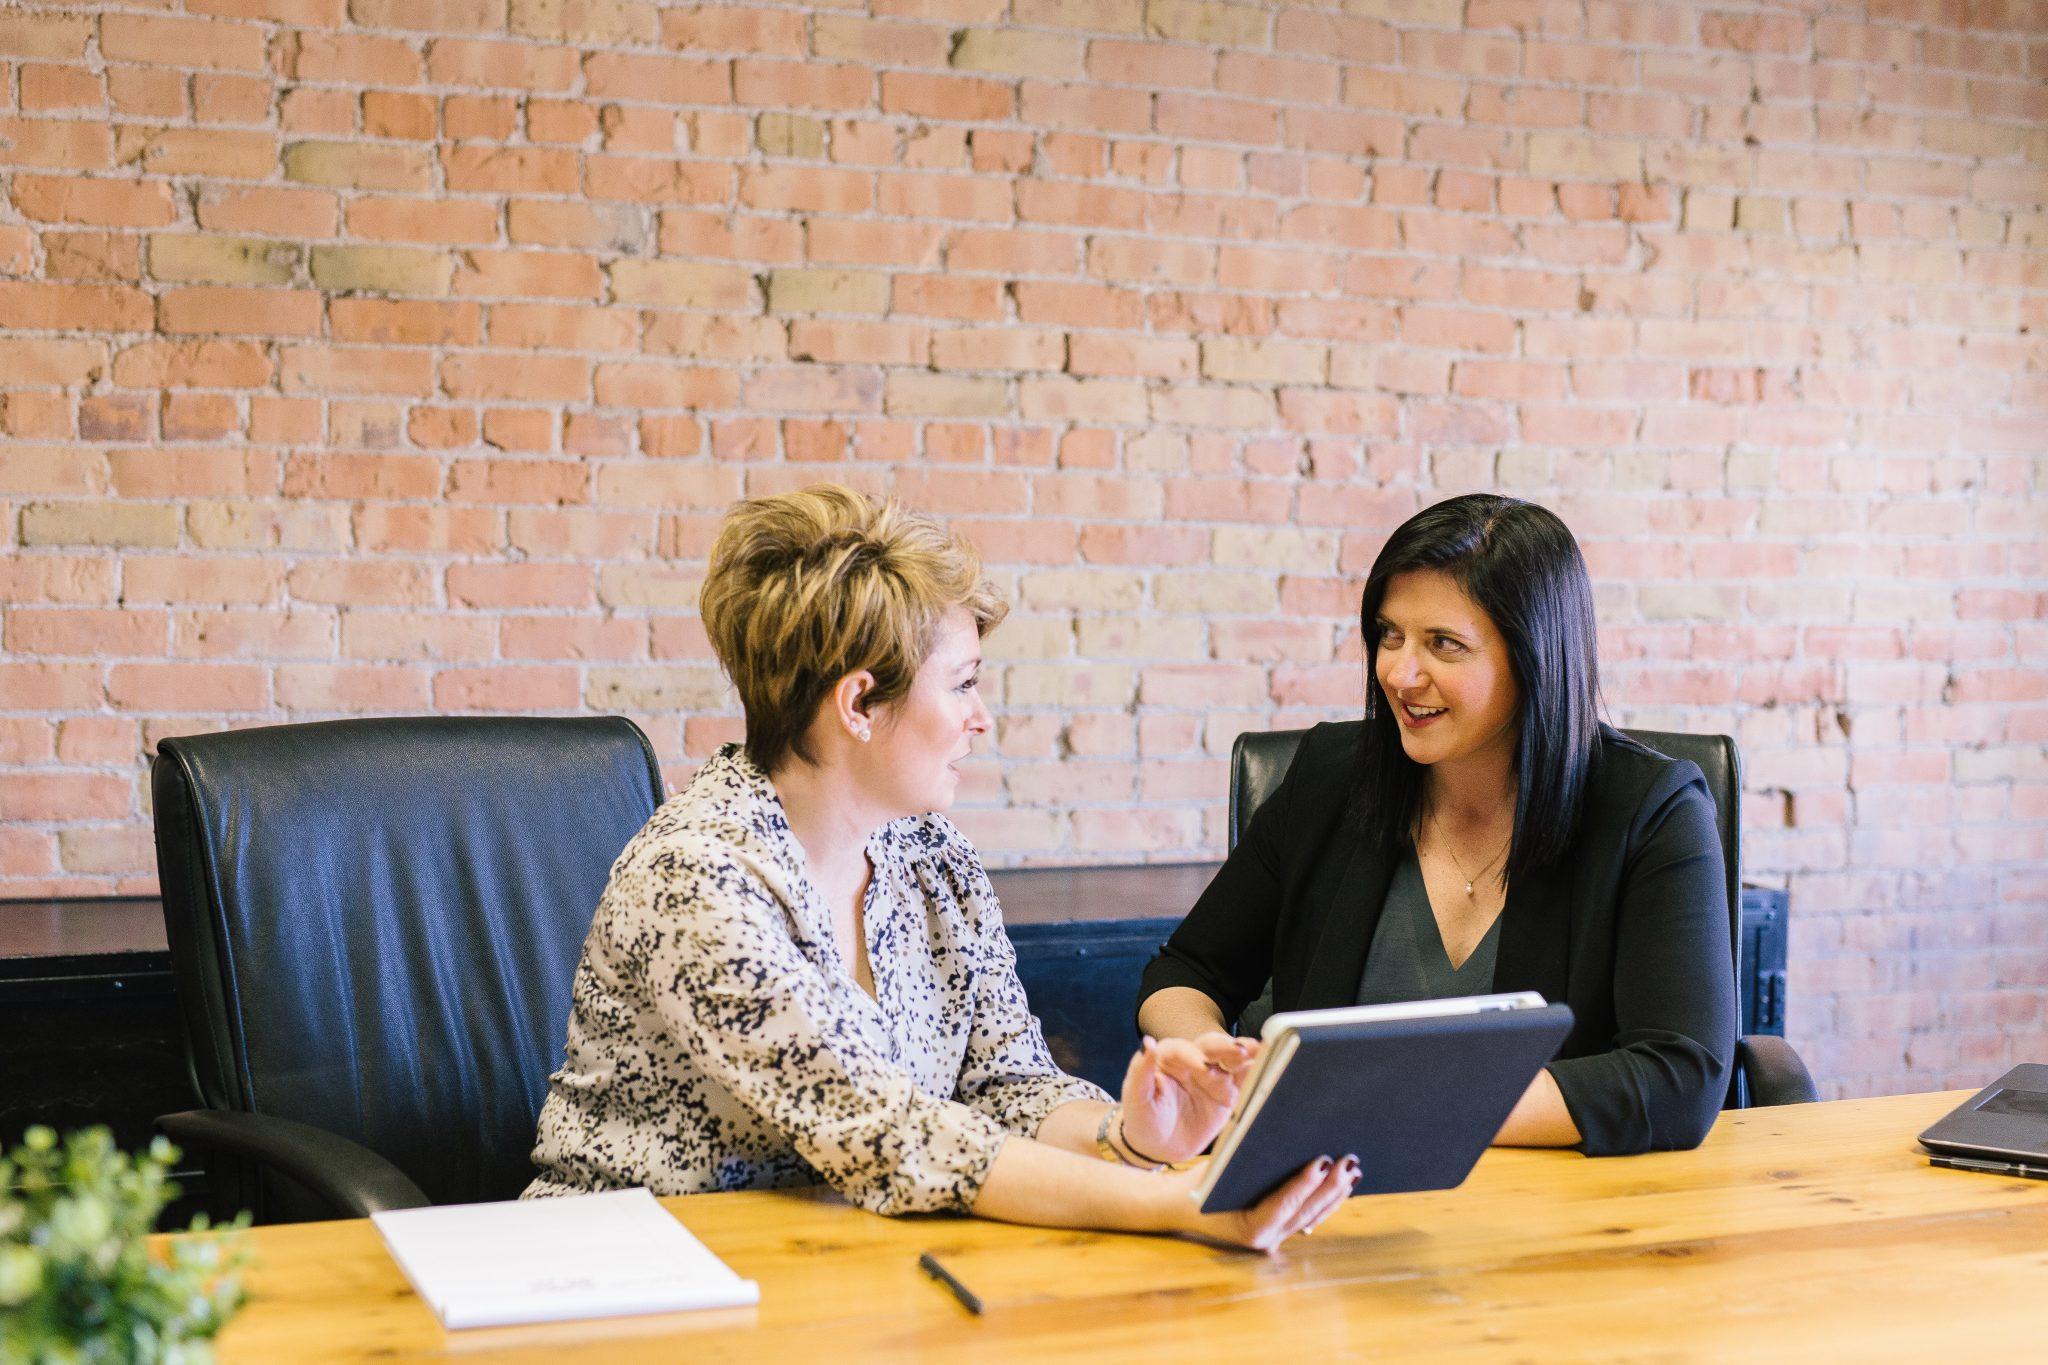 Kaksi naista keskustelee pöydän ääressä. Vasemmalla oleva nainen katsoo oikealla olevaa naista ja pitää kädessään kirjaa, joka on ehkä muistikirja.